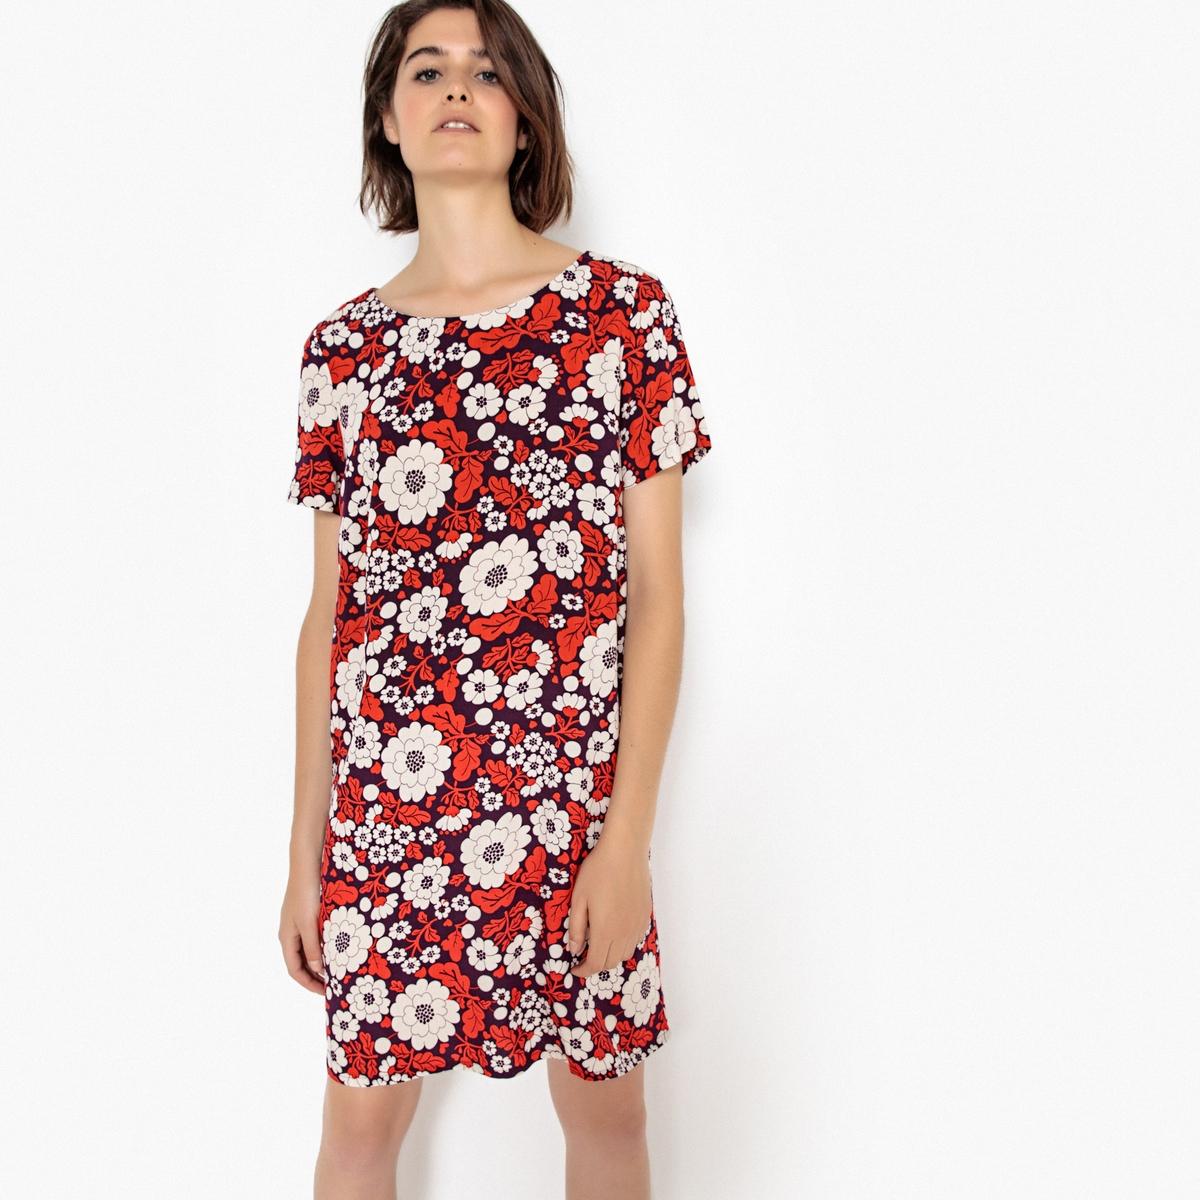 Платье La Redoute Прямое с цветочным рисунком пуговица сзади 34 (FR) - 40 (RUS) красный платье прямое с цветочным рисунком и контрастной полосой сзади